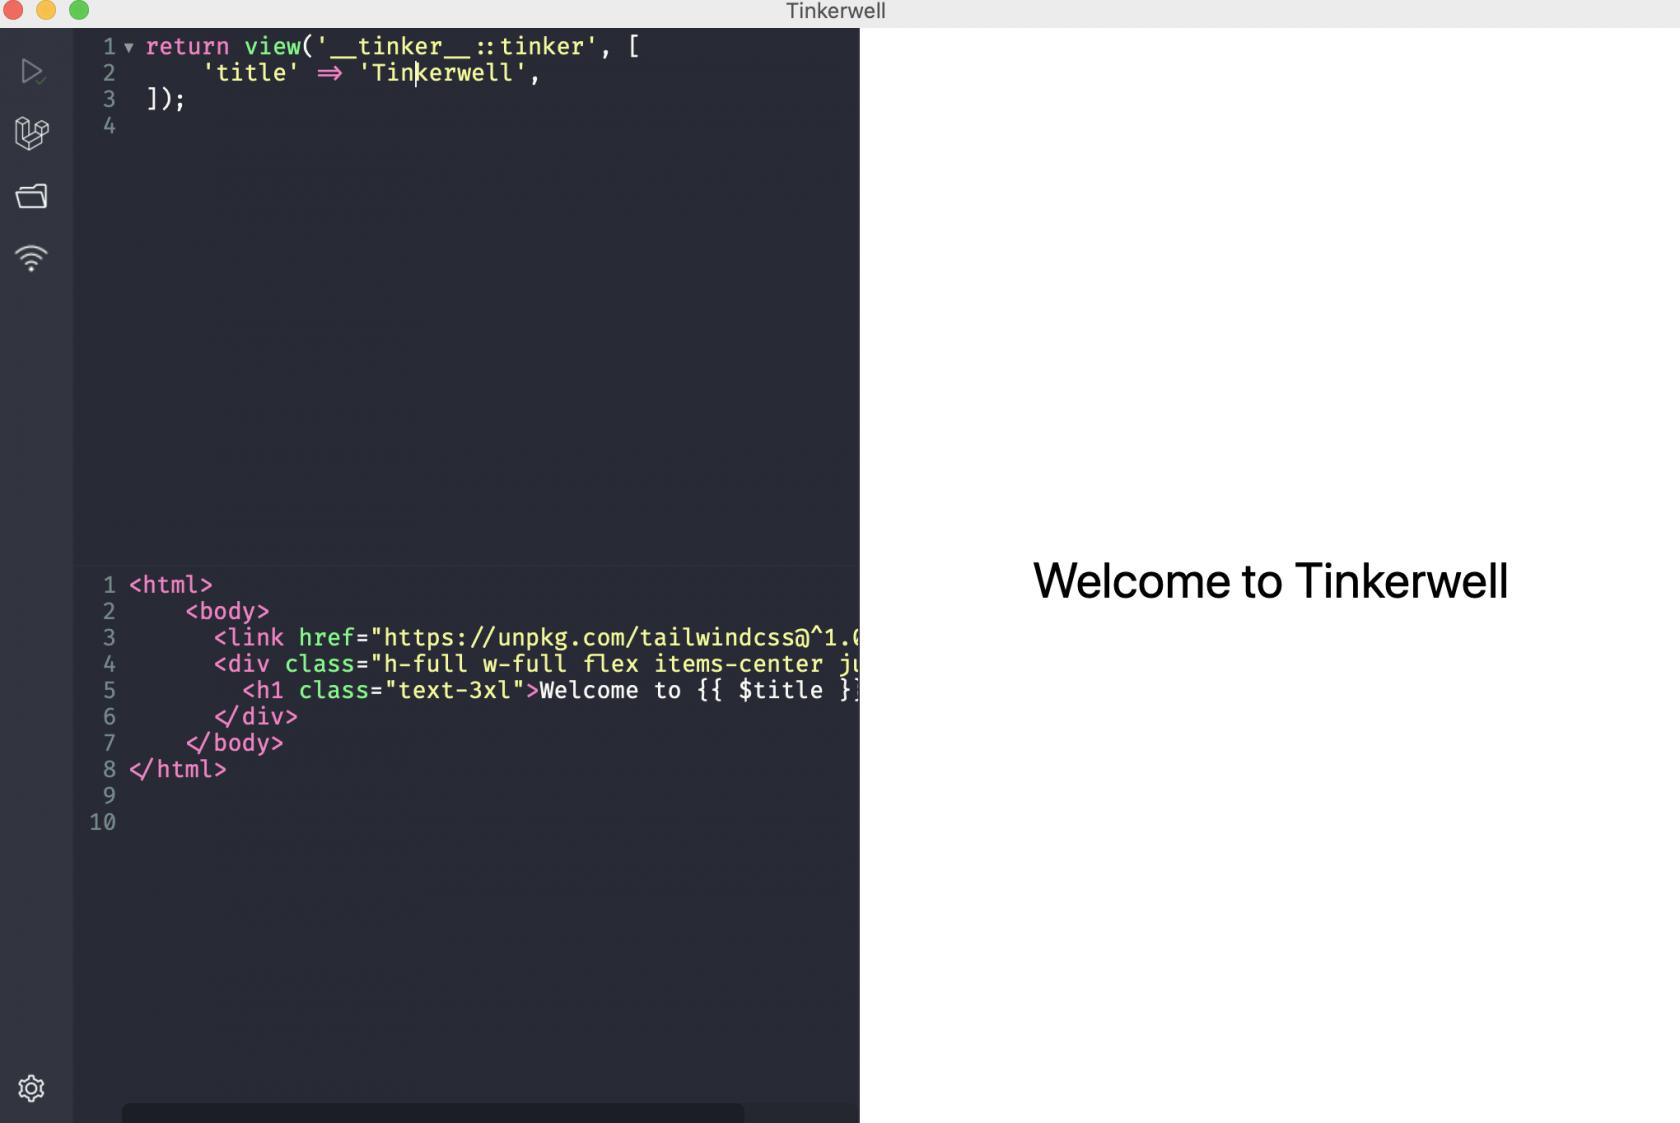 MacOS 下的 Laravel 调试软件 - Tinkerwell